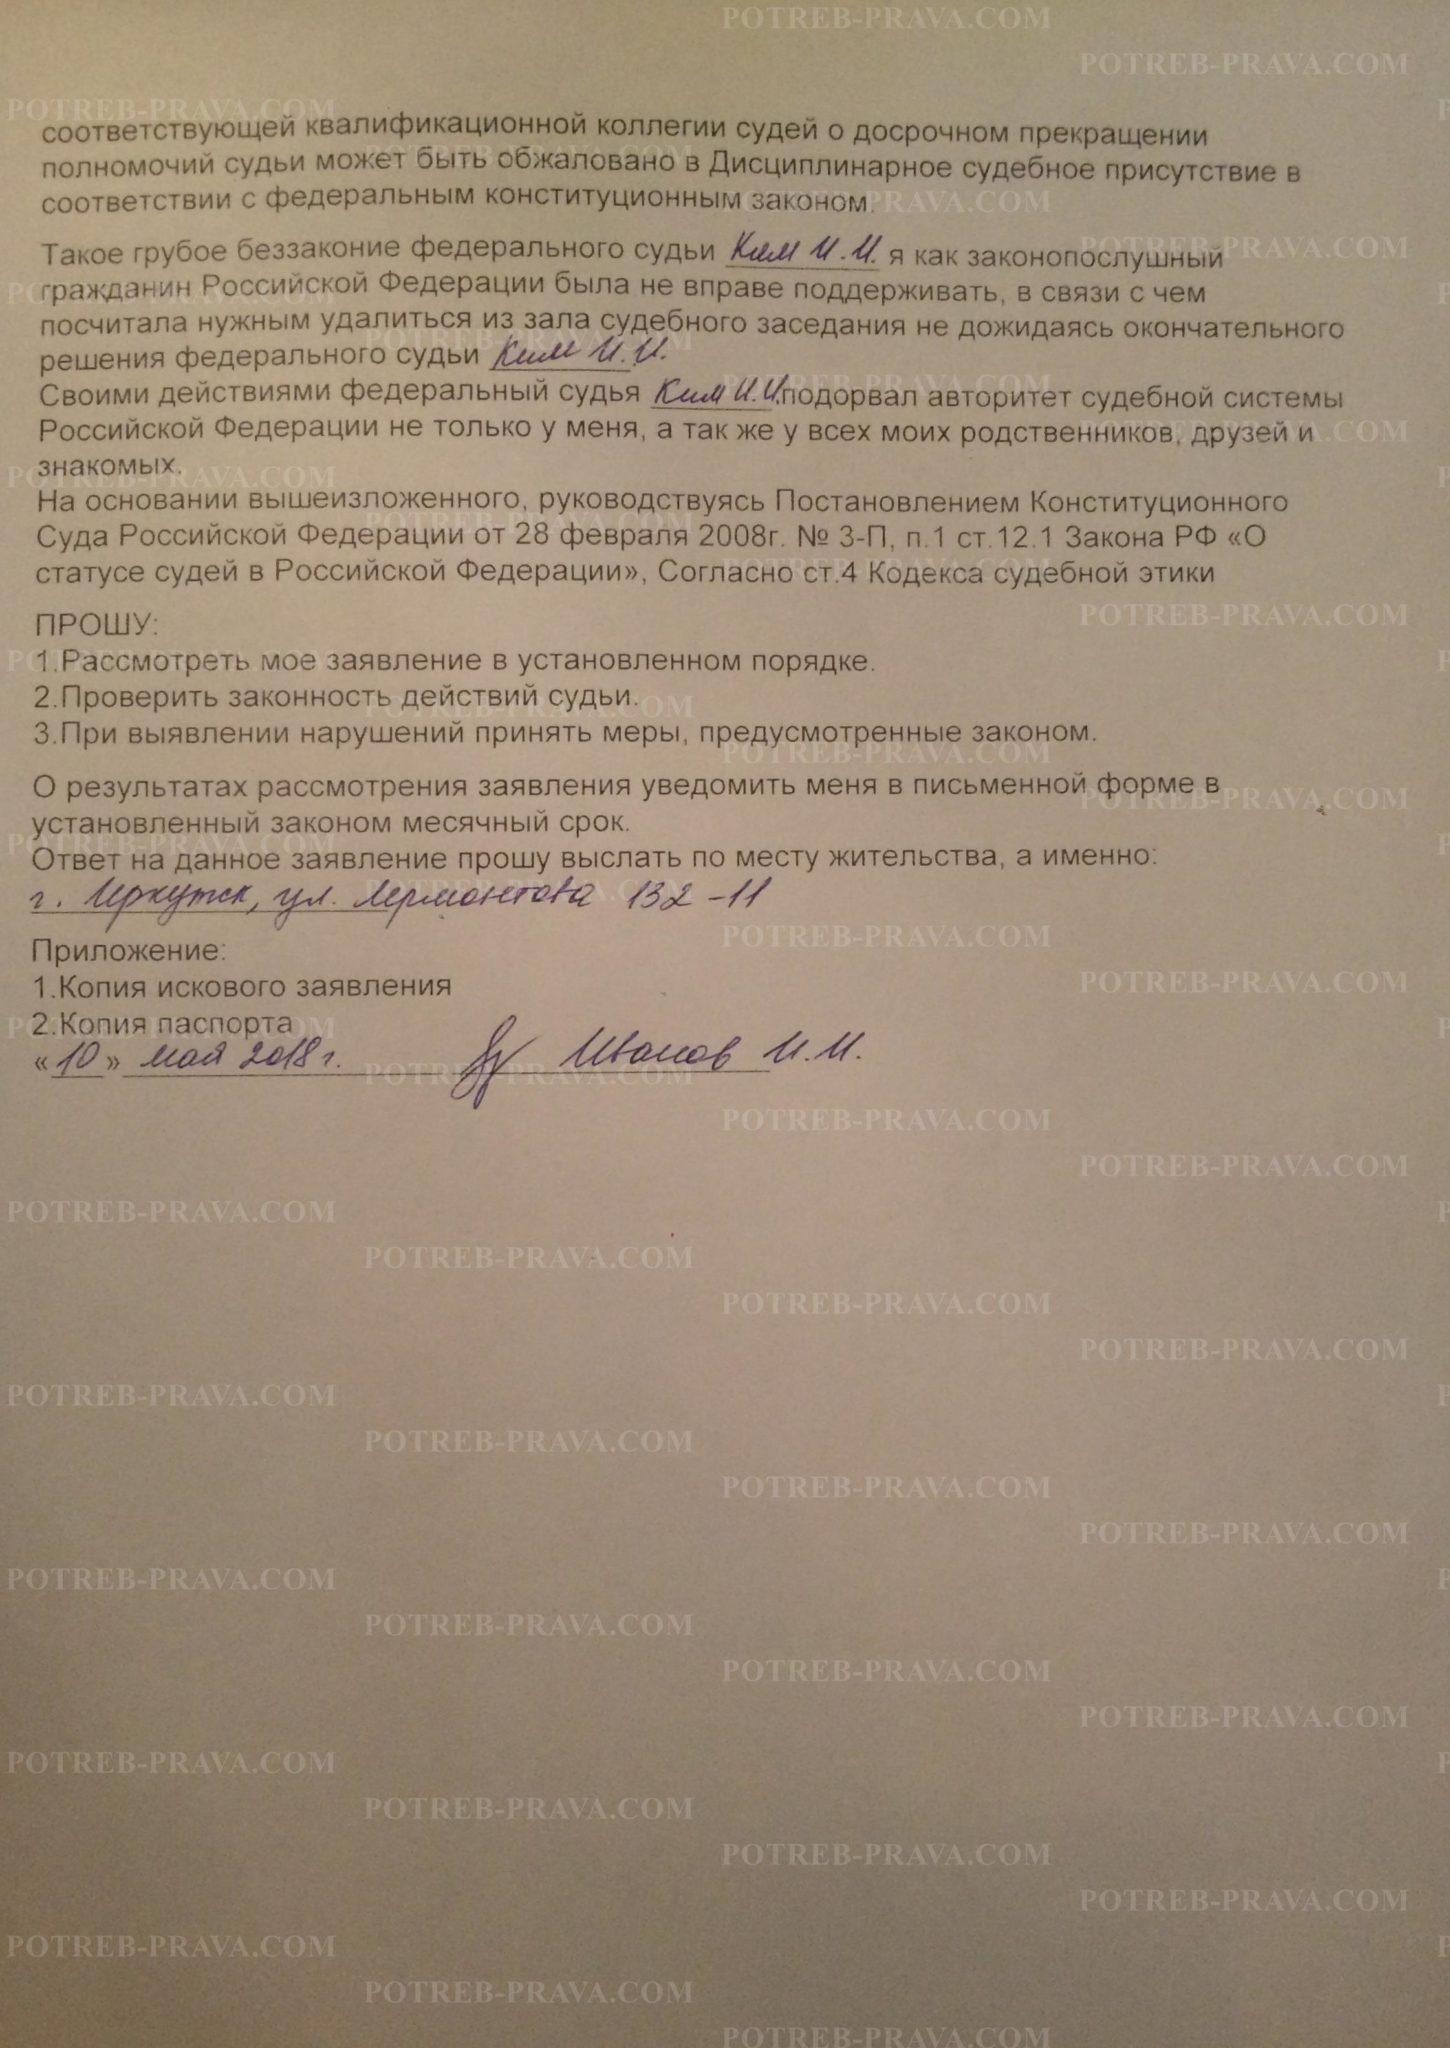 Пример заполнения жалобы на судью председателю суда по гражданскому делу (2)